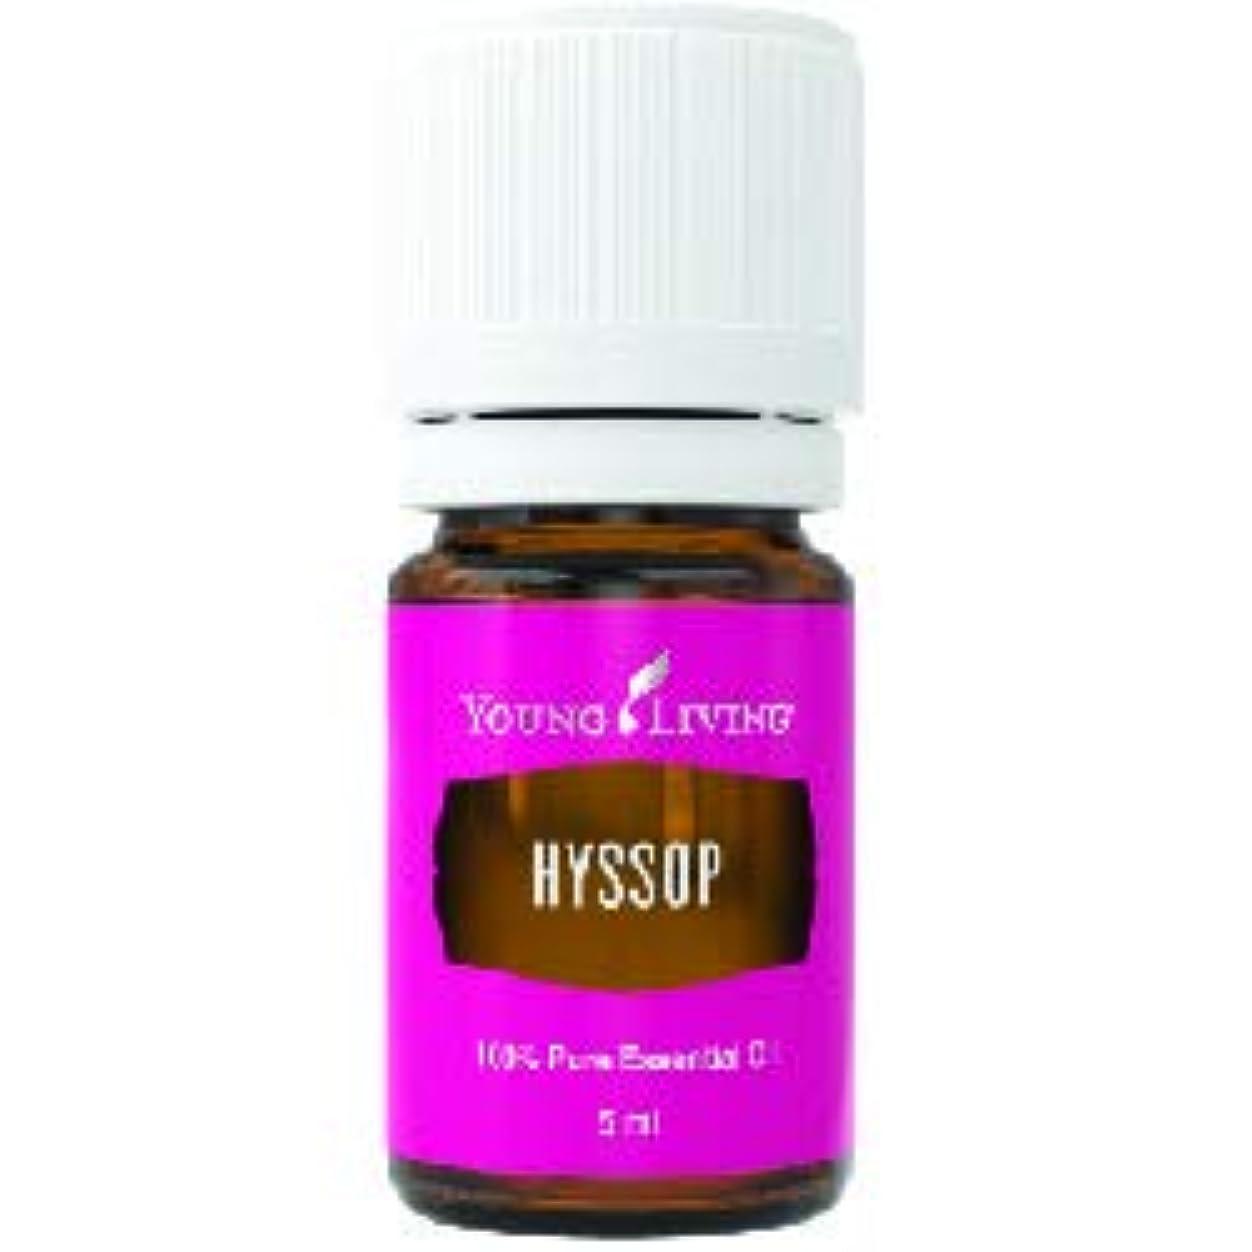 極端なトレーダー浸透するヒソップエッセンシャルオイル ヤングリビングエッセンシャルオイルマレーシア5ml Hyssop Essential Oil 5ml by Young Living Essential Oil Malaysia